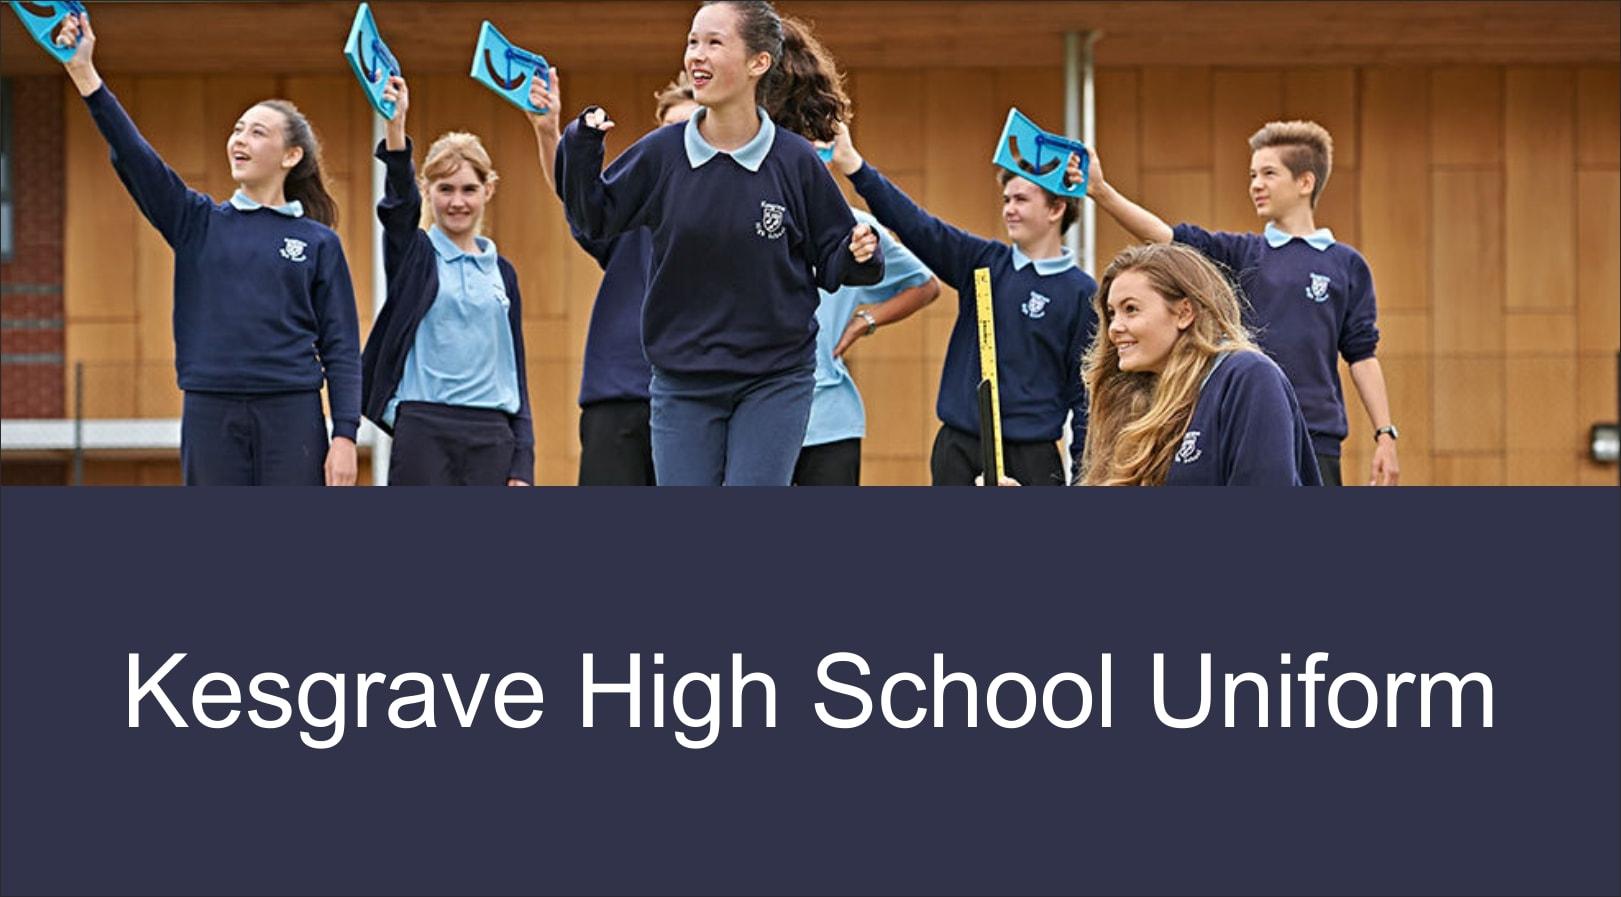 Kesgrave High School uniform features image